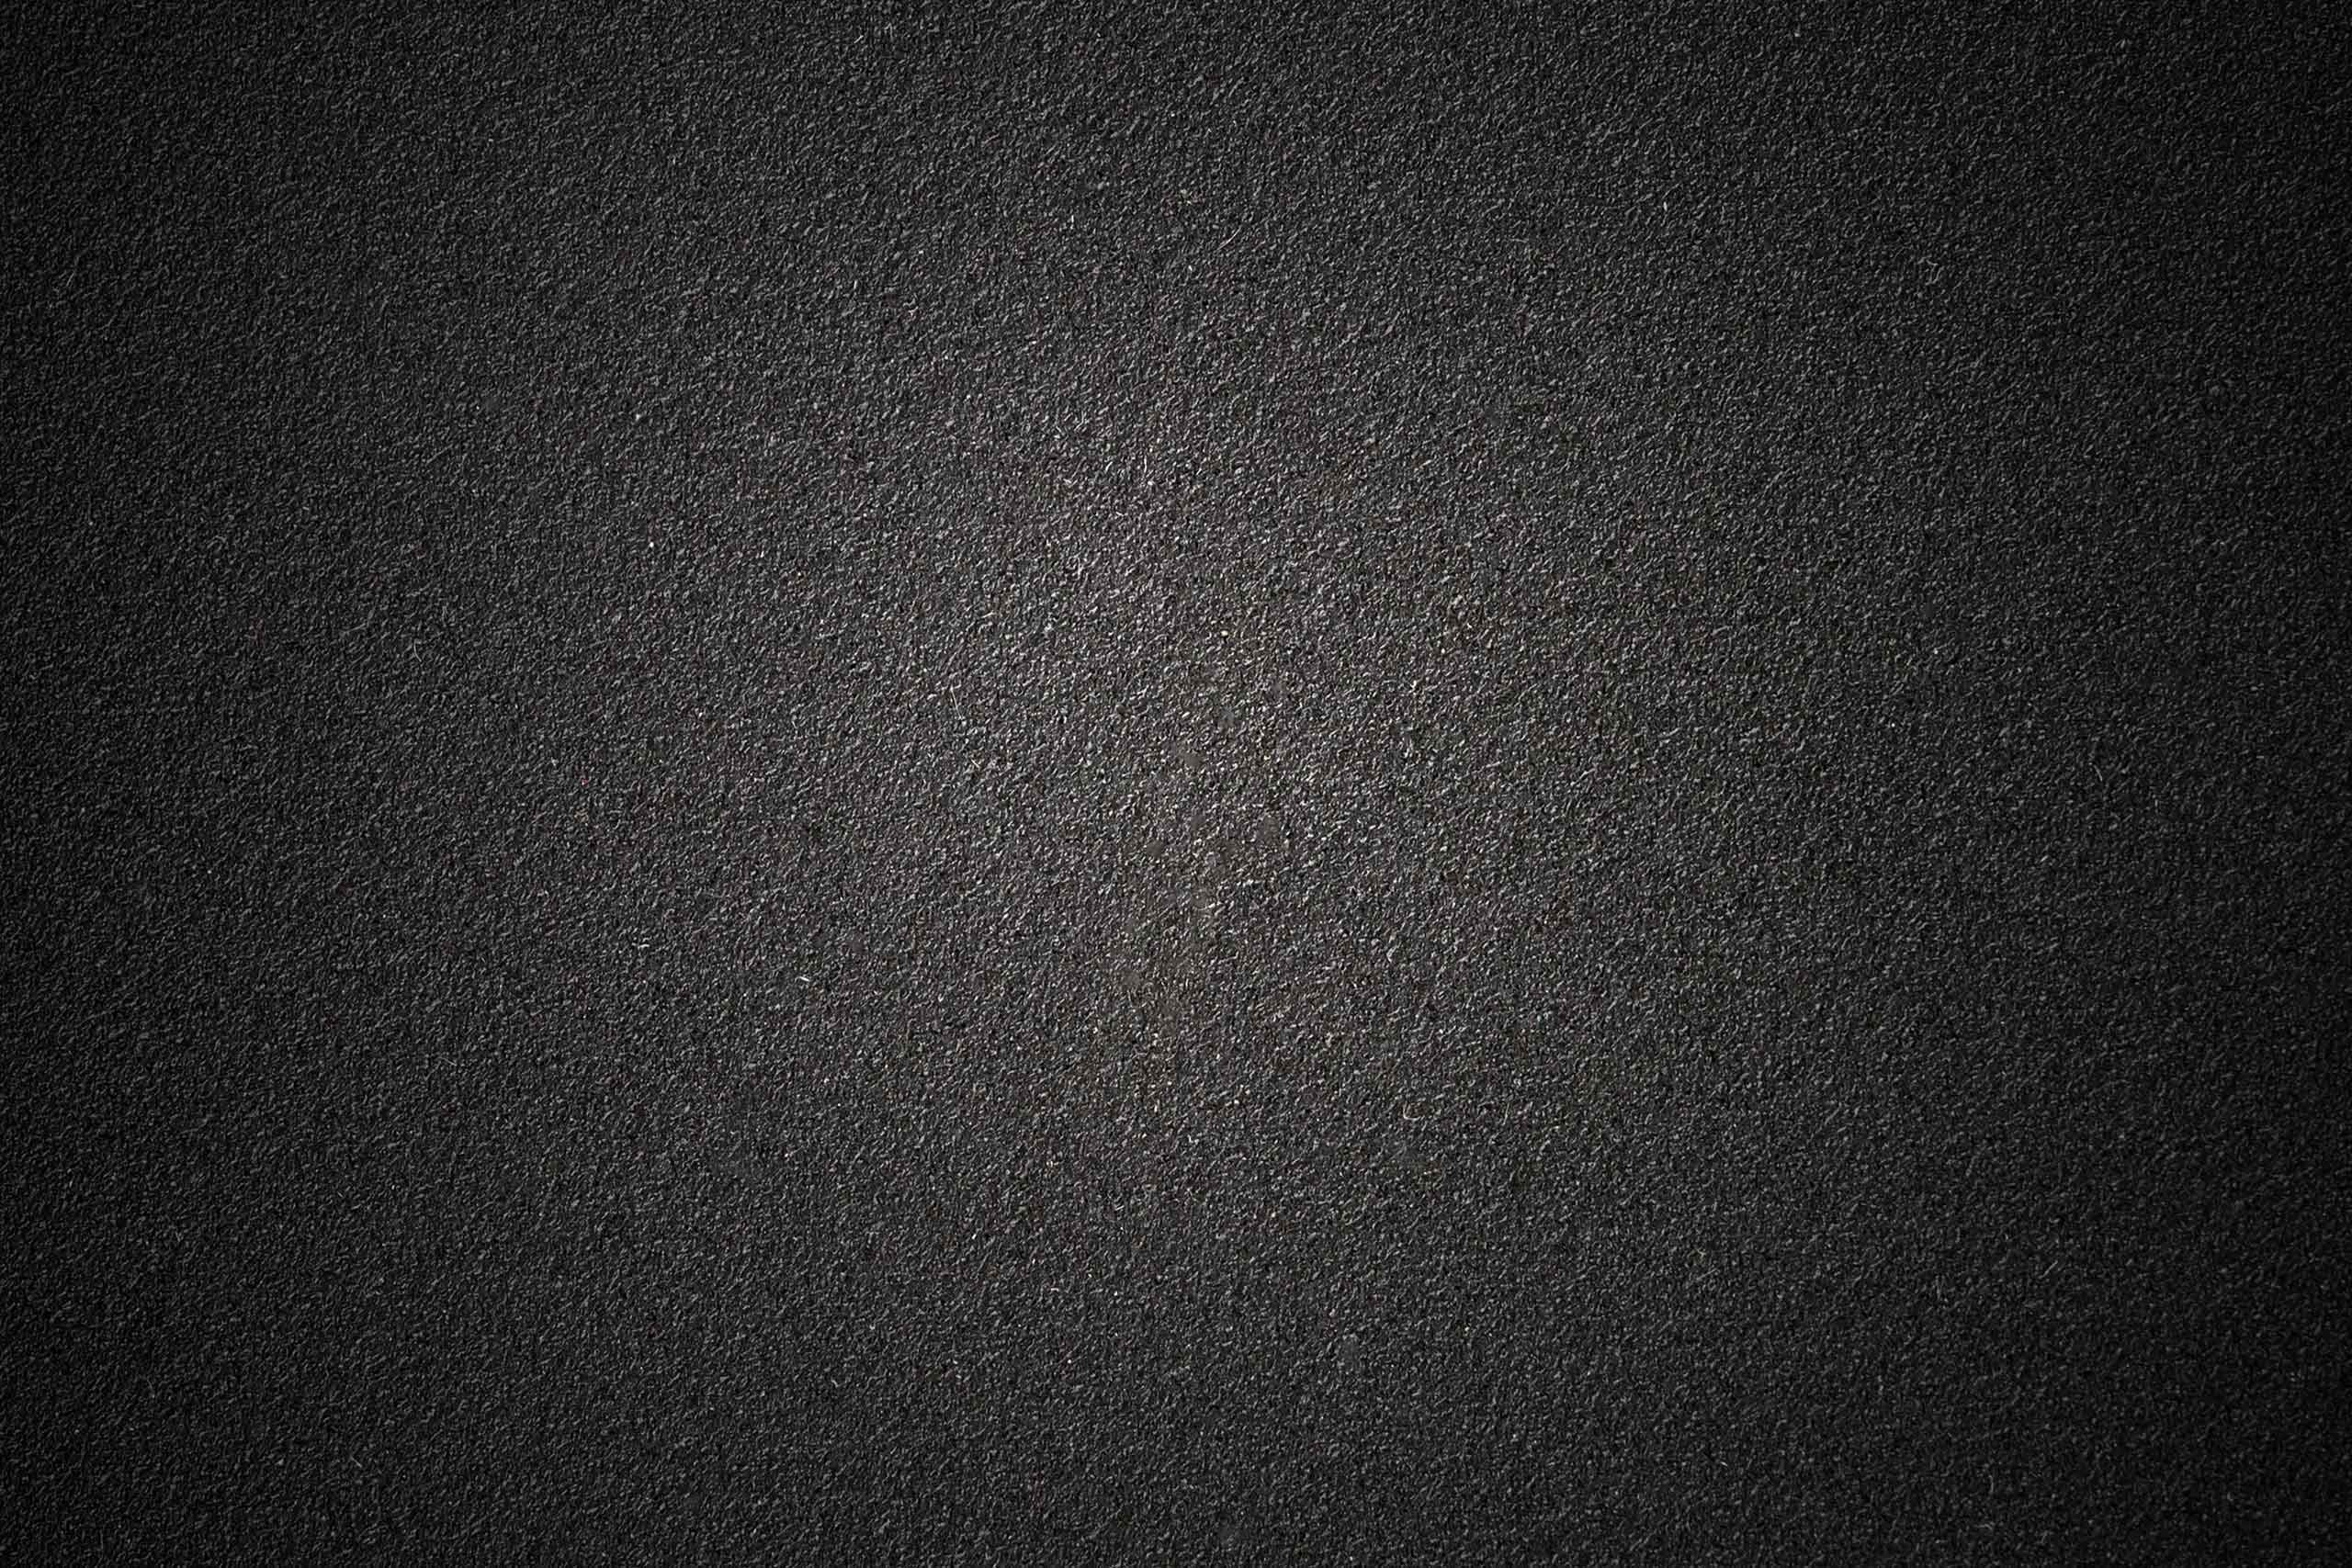 Монохромный темный фон с асфальтовой поверхностью.